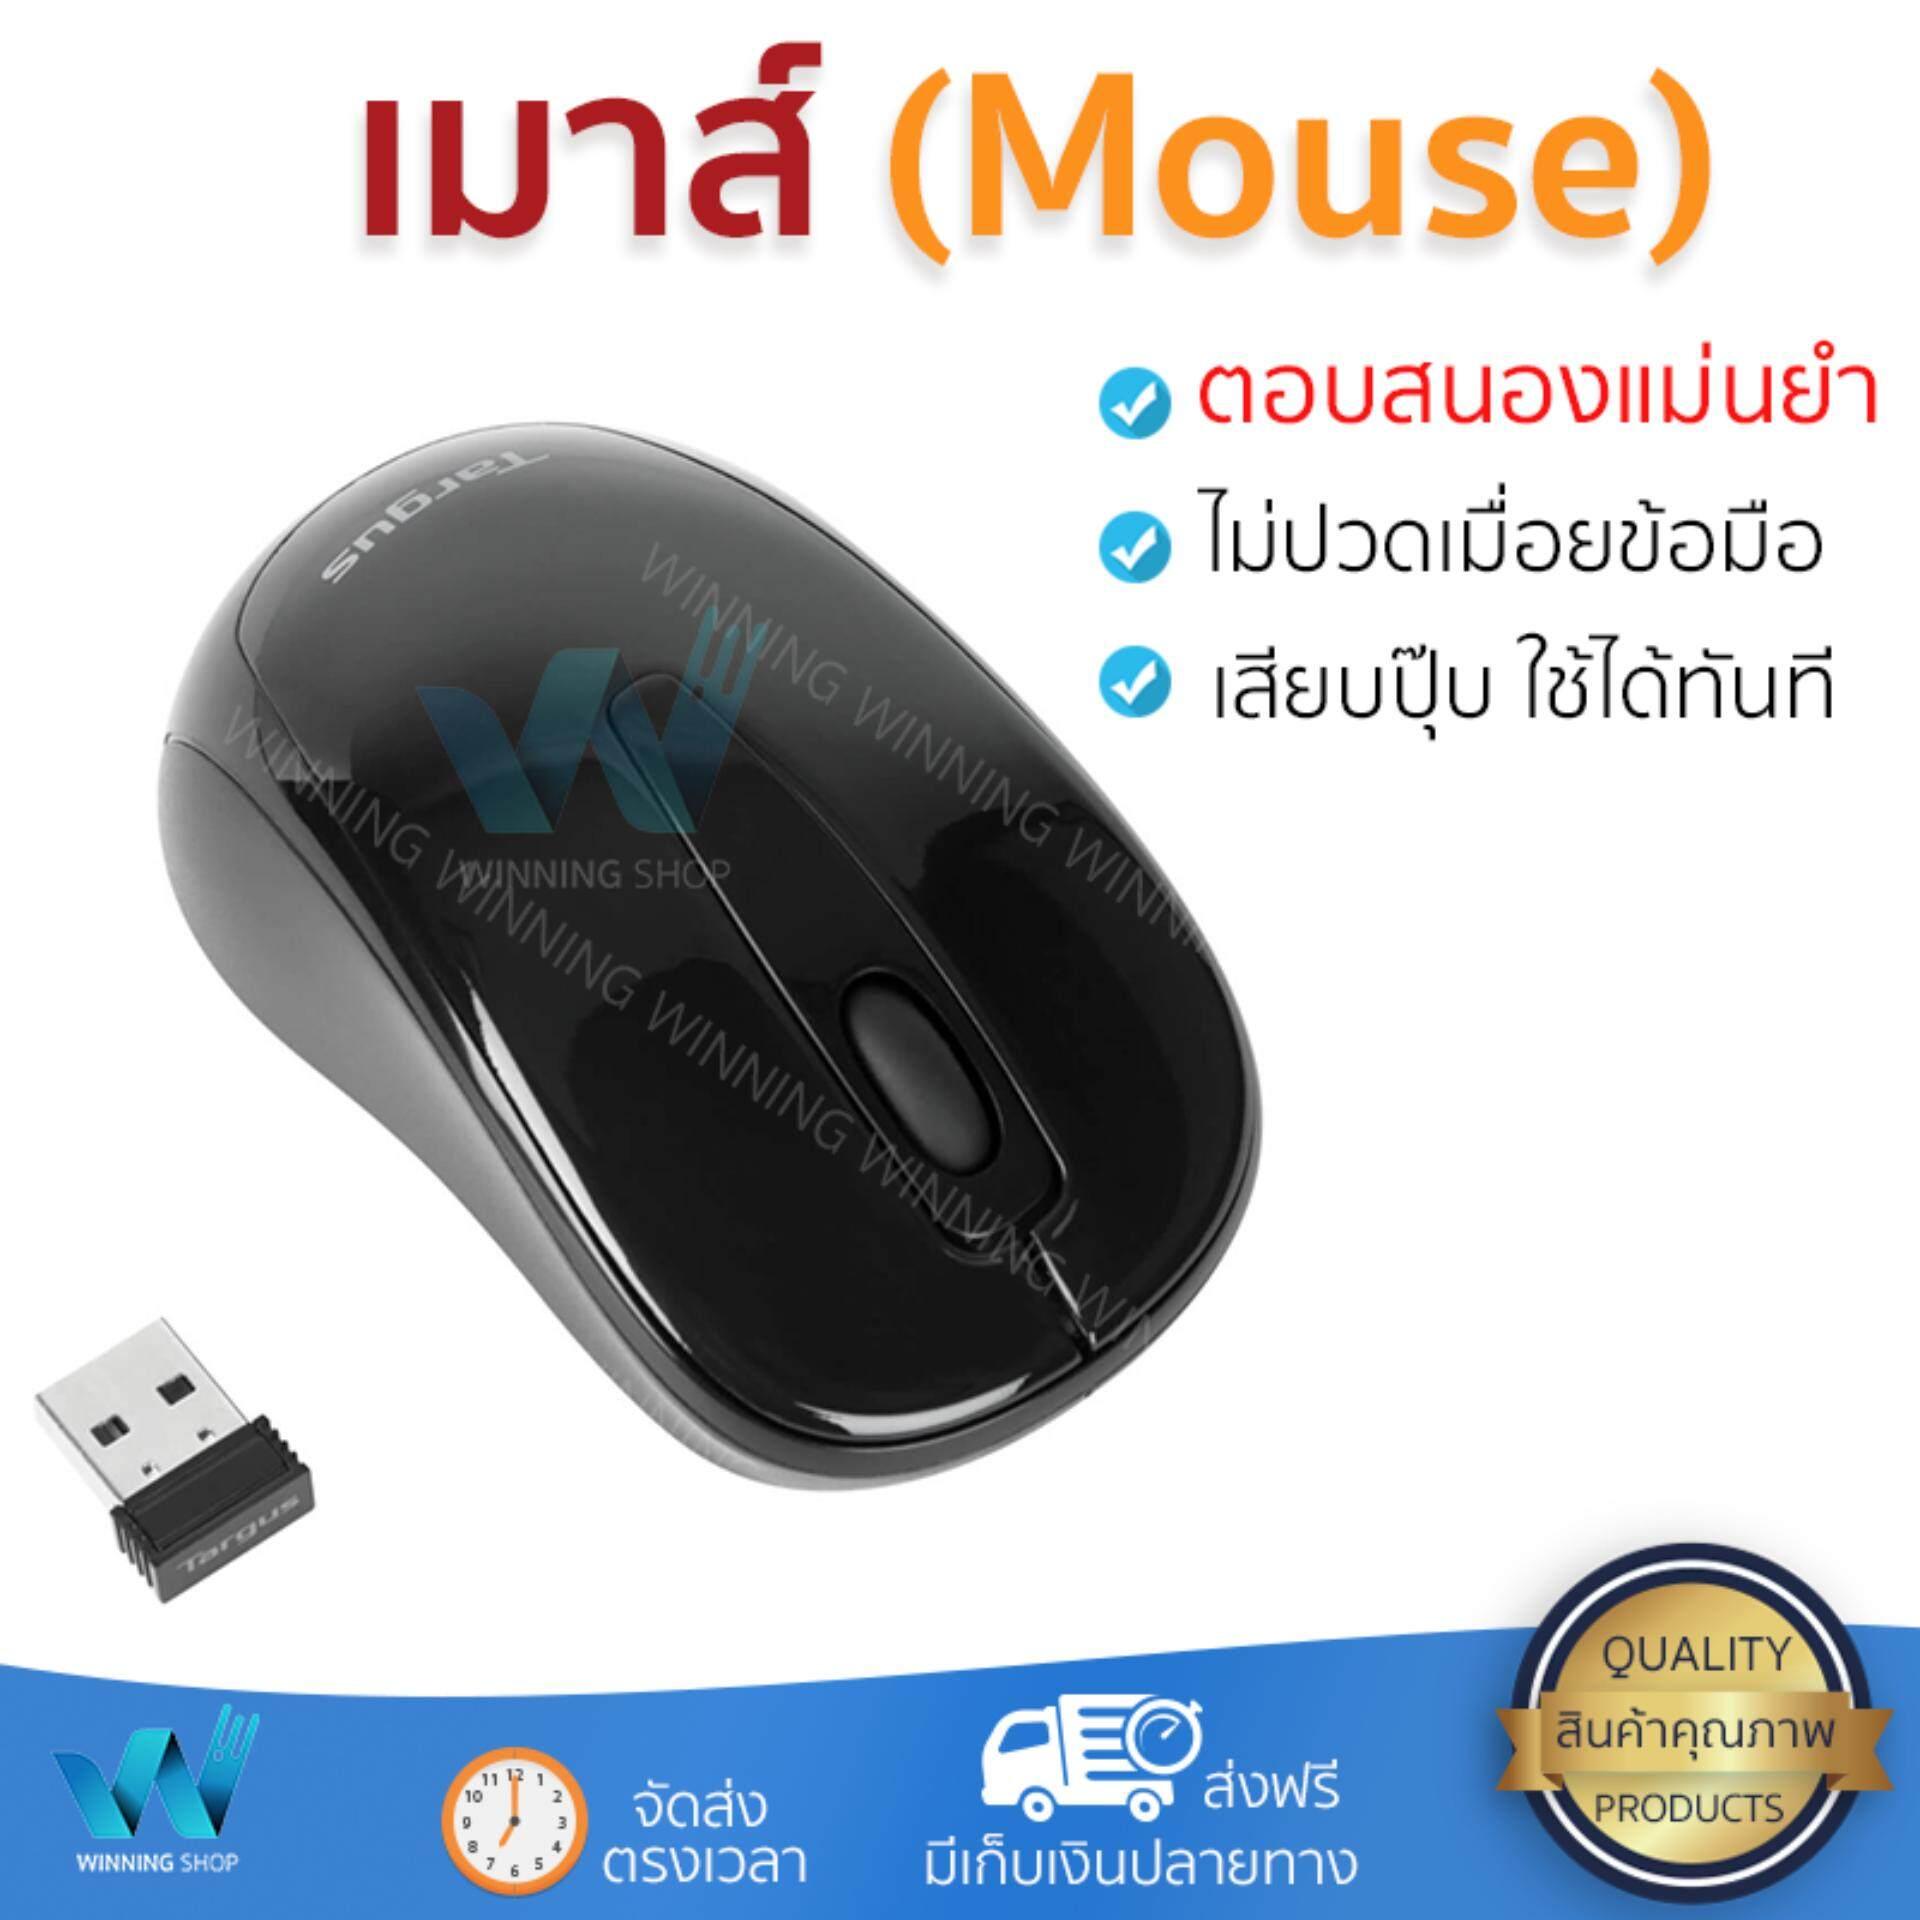 สุดยอดสินค้า!! รุ่นใหม่ล่าสุด เมาส์           TARGUS เมาส์ไร้สาย (สีดำ) รุ่น AMW600AP             เซนเซอร์คุณภาพสูง ทำงานได้ลื่นไหล ไม่มีสะดุด Computer Mouse  รับประกันสินค้า 1 ปี จัดส่งฟรี Kerry ทั่ว